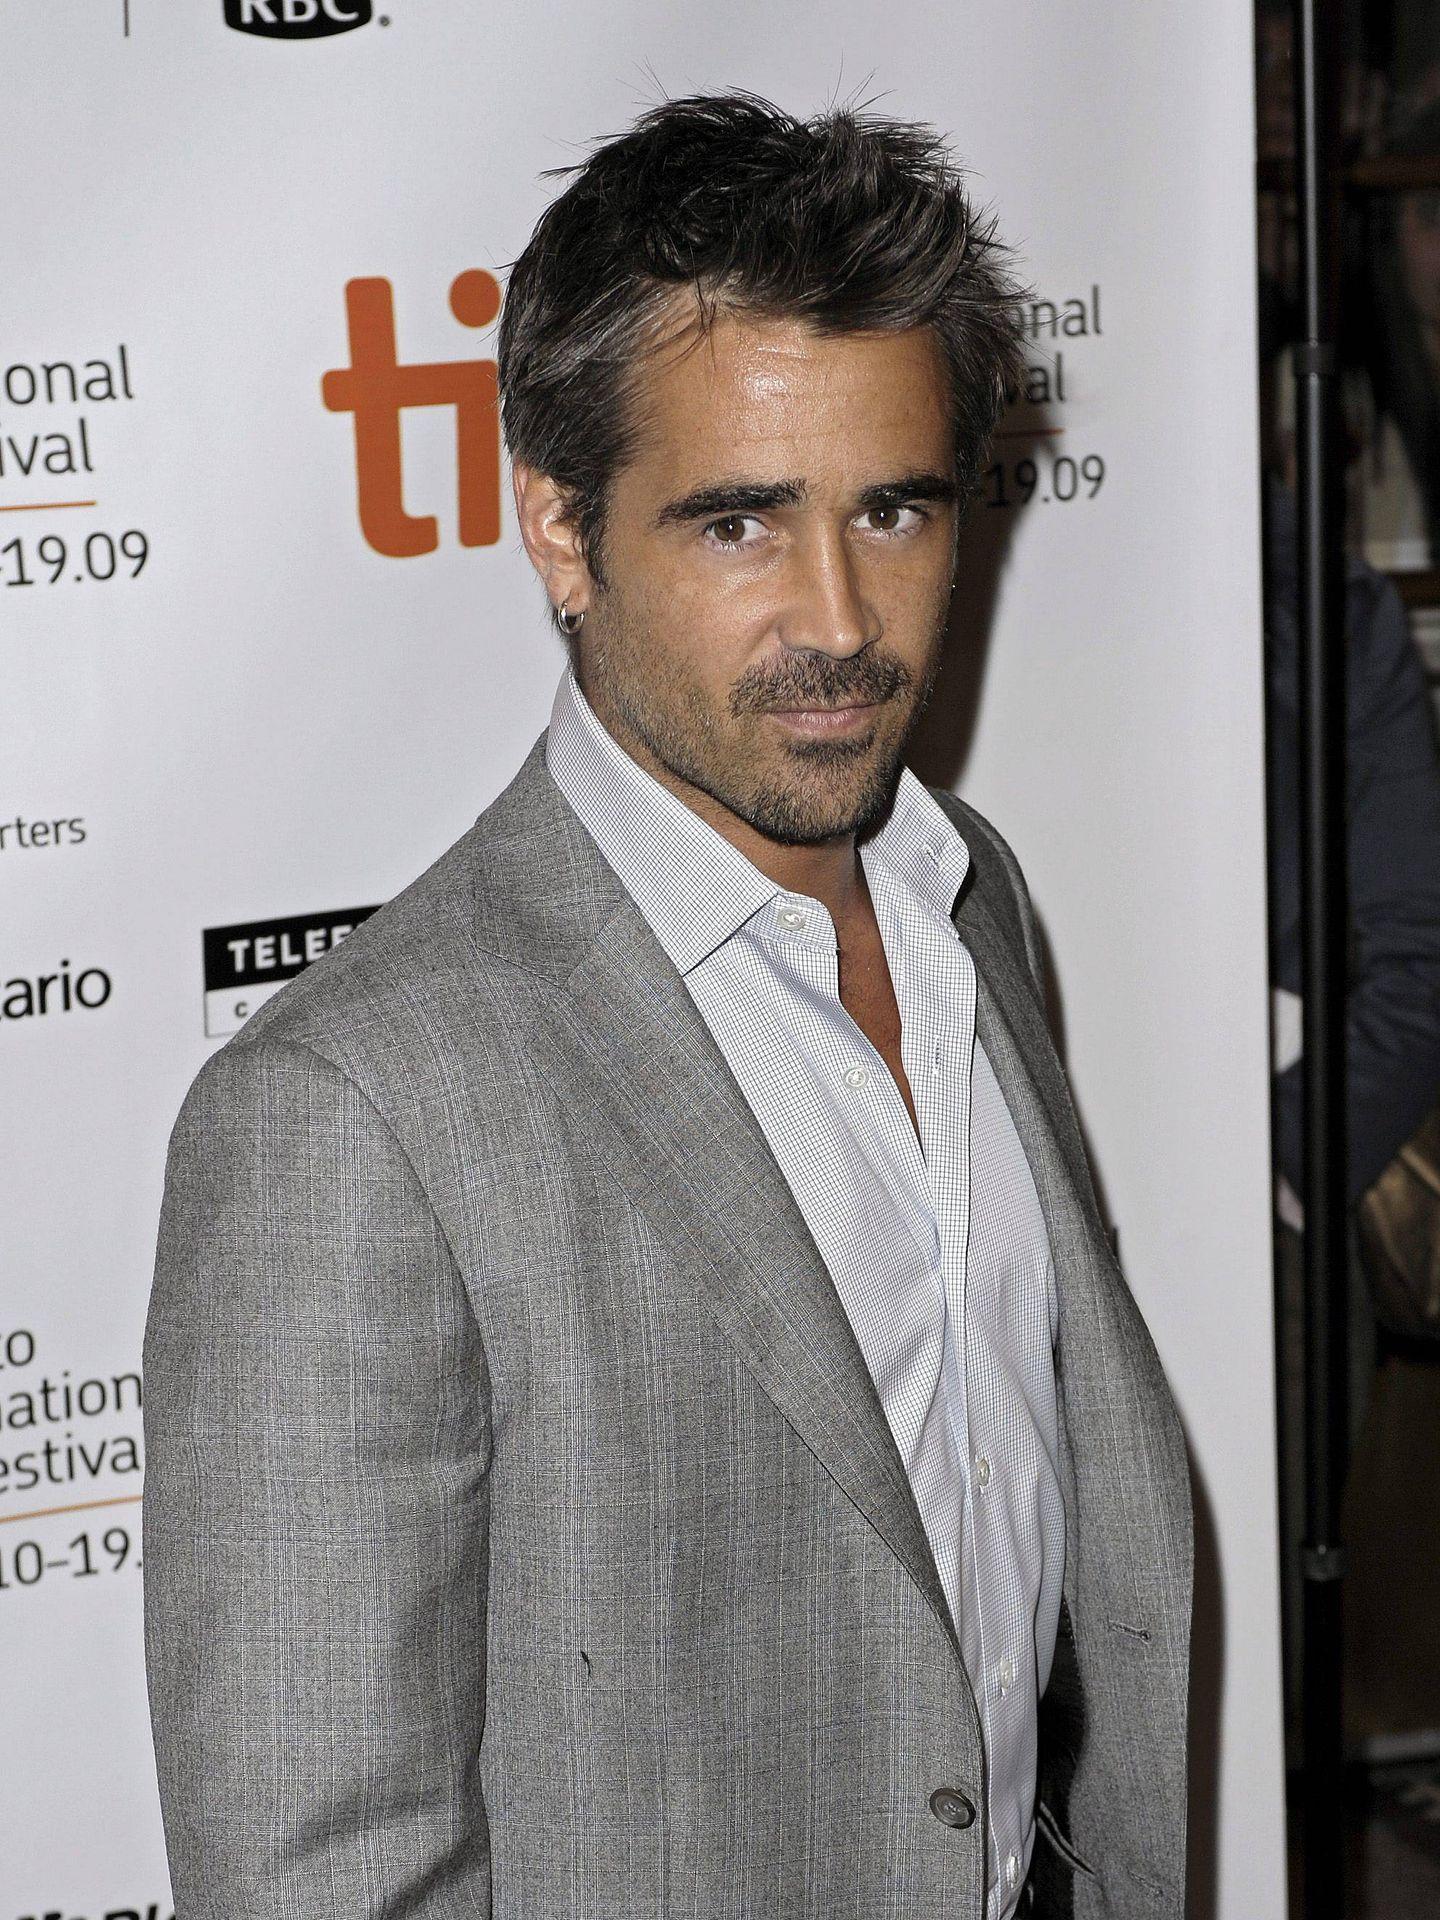 Colin Farrell, en el Festival Internacional de Cine de Toronto. (EFE)